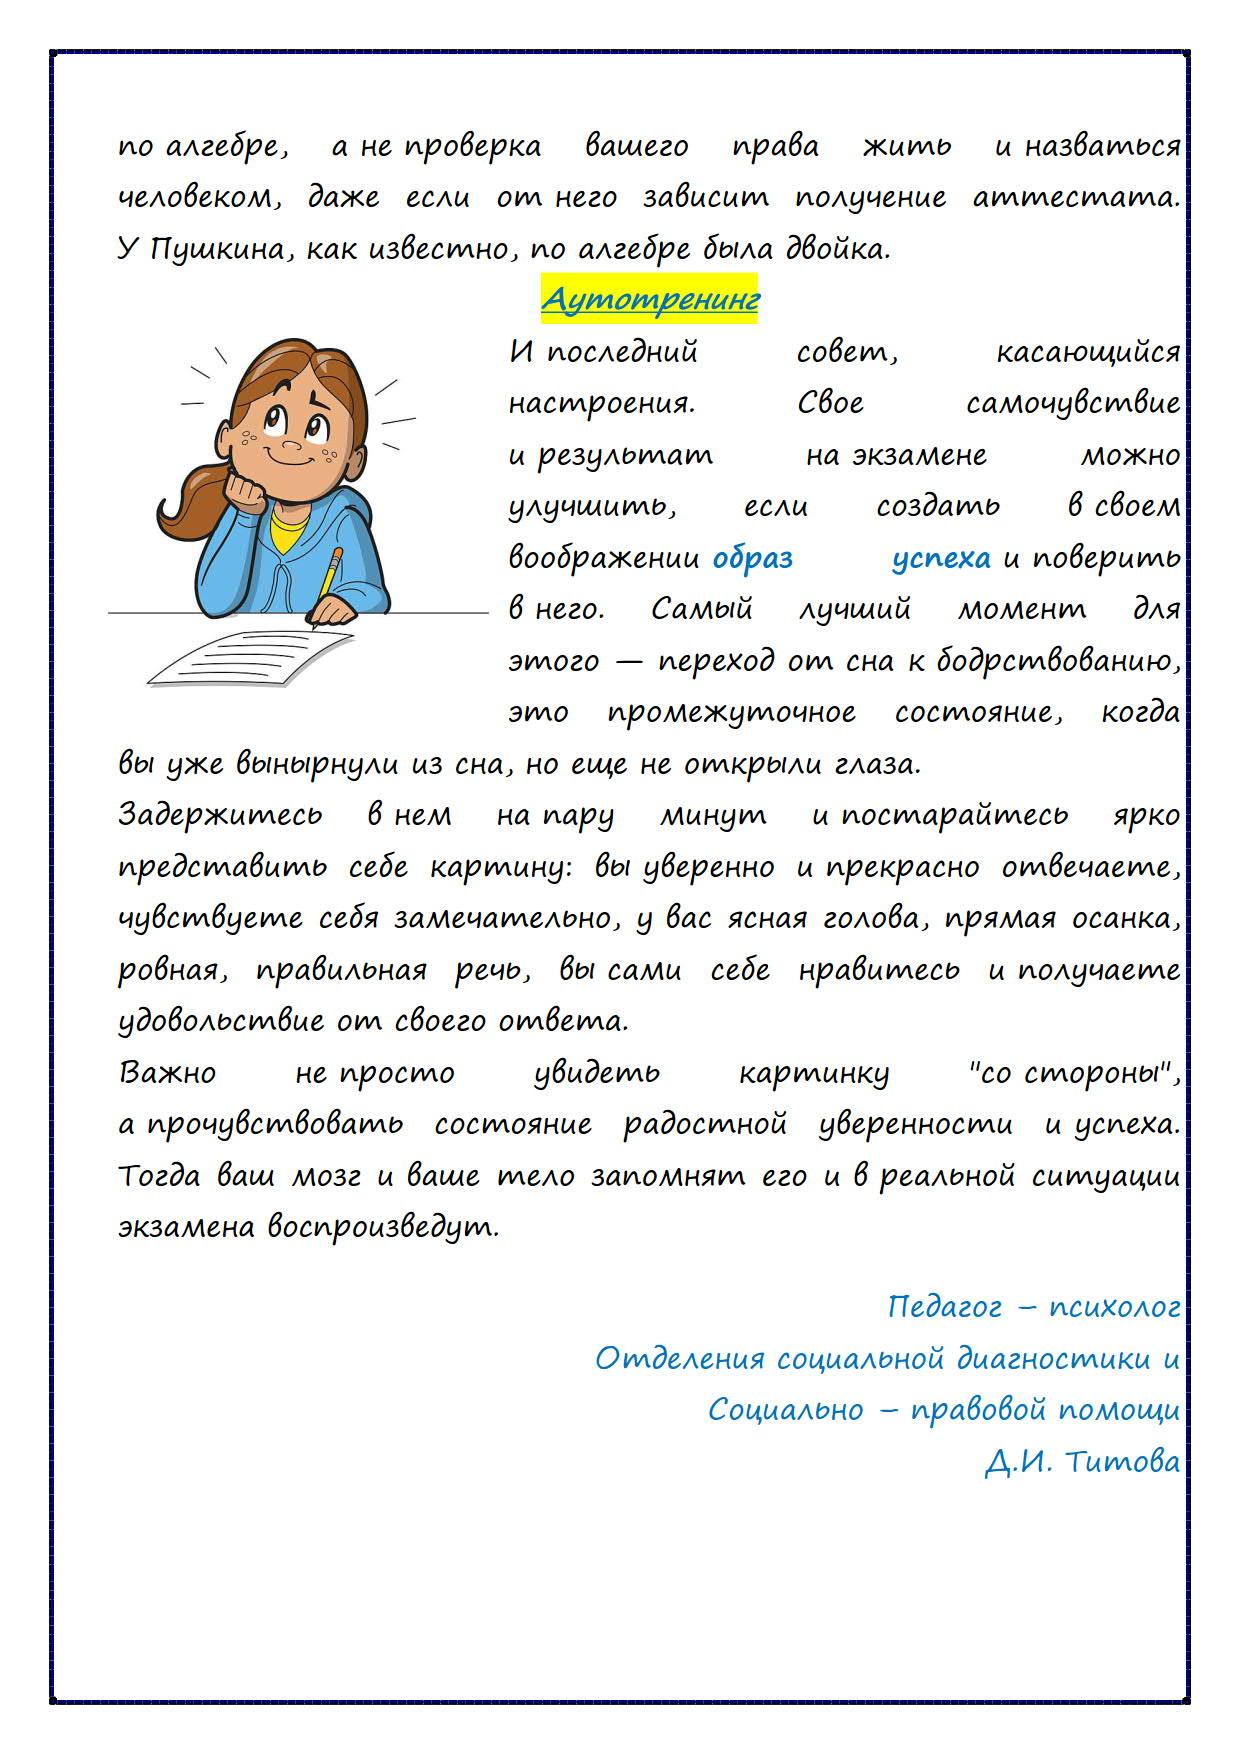 ПЕДАГОГ - ПСИХОЛОГ РЕКОМЕНДАЦИИ СТРАХ ПЕРЕД ЭКЗАМЕНОМ_5